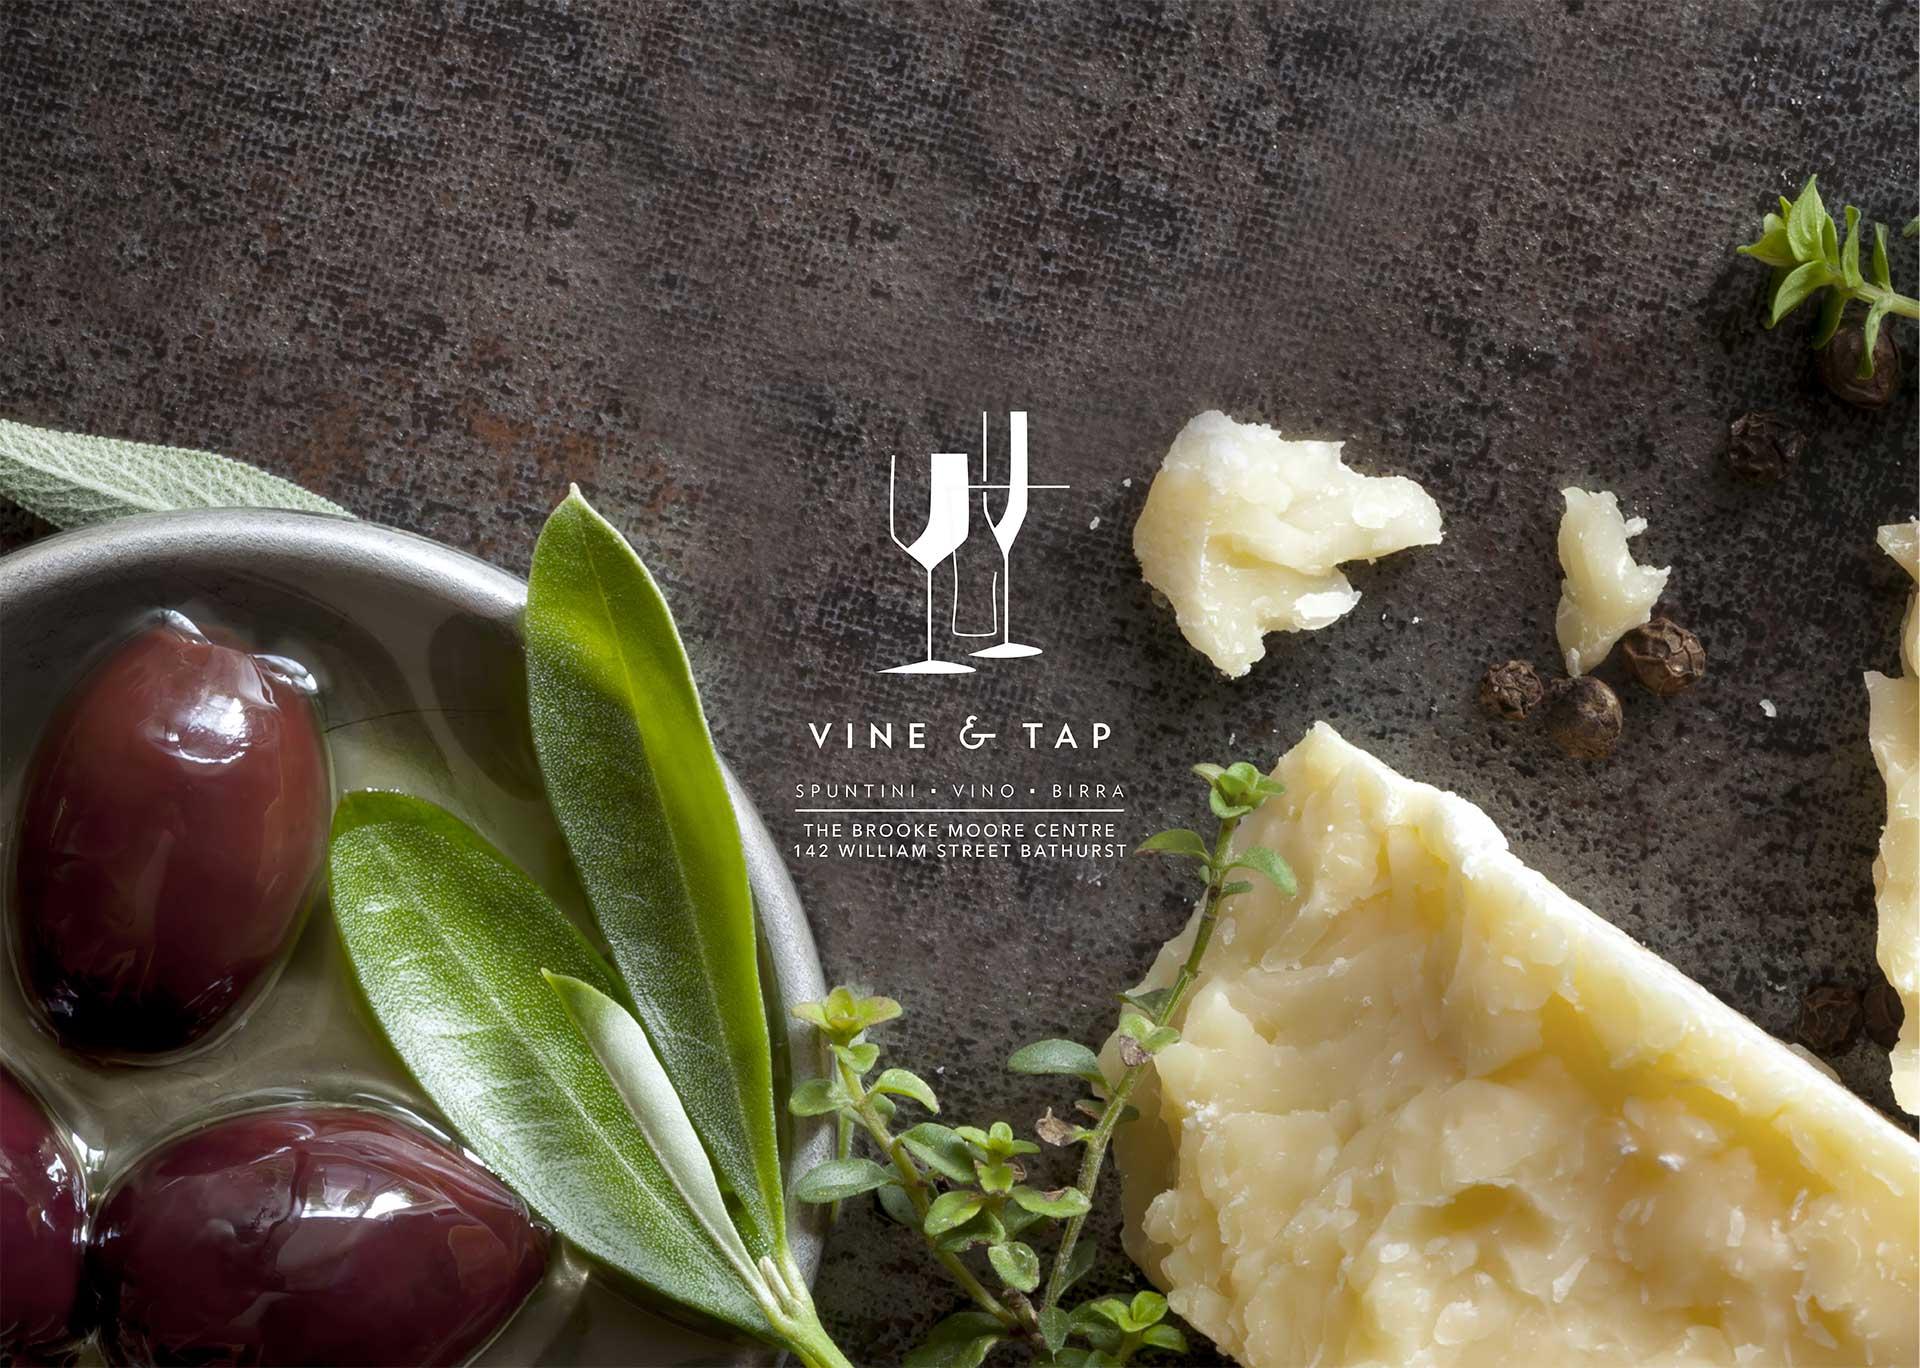 Vine & Tap, Bathurst - Italian Cuisine, Wine & Beer